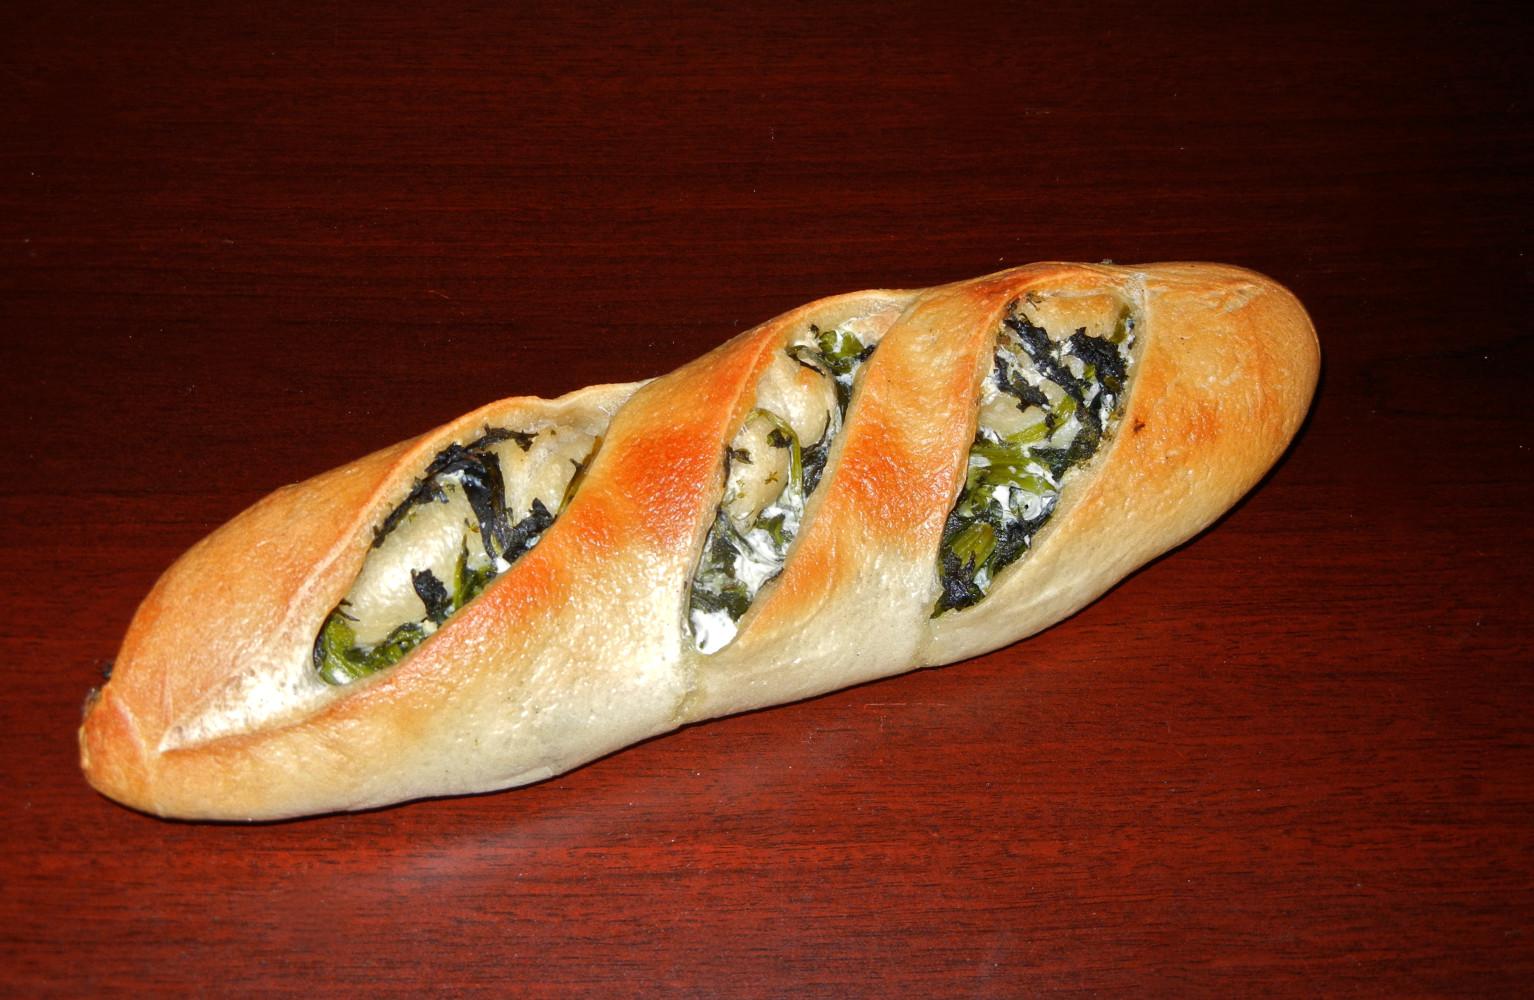 Broccoli Rabe with Mozzarella Bread